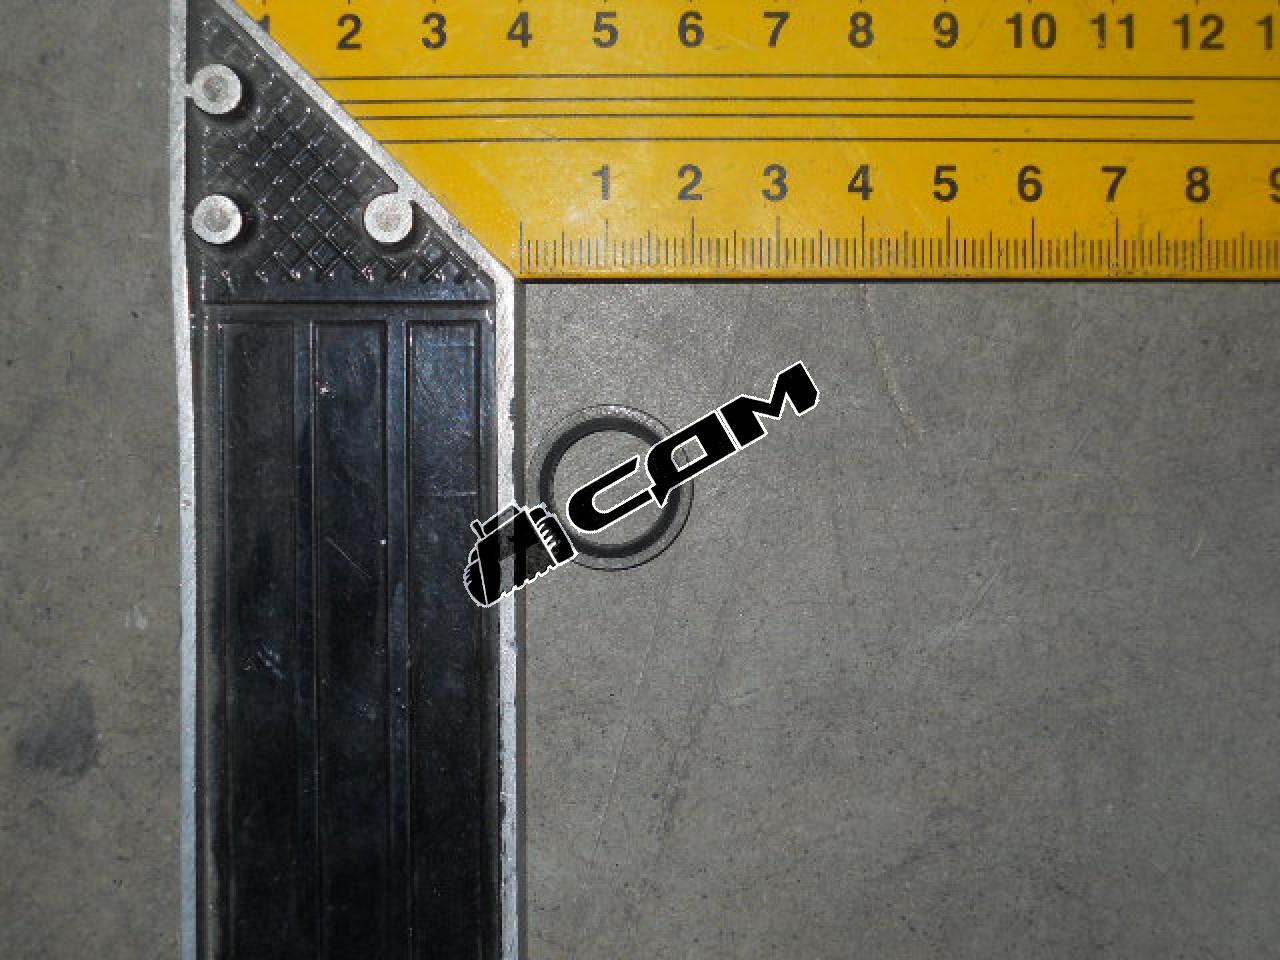 Кольцо уплотнительное D=40, d=35 (Euro 3)  VG1400010032